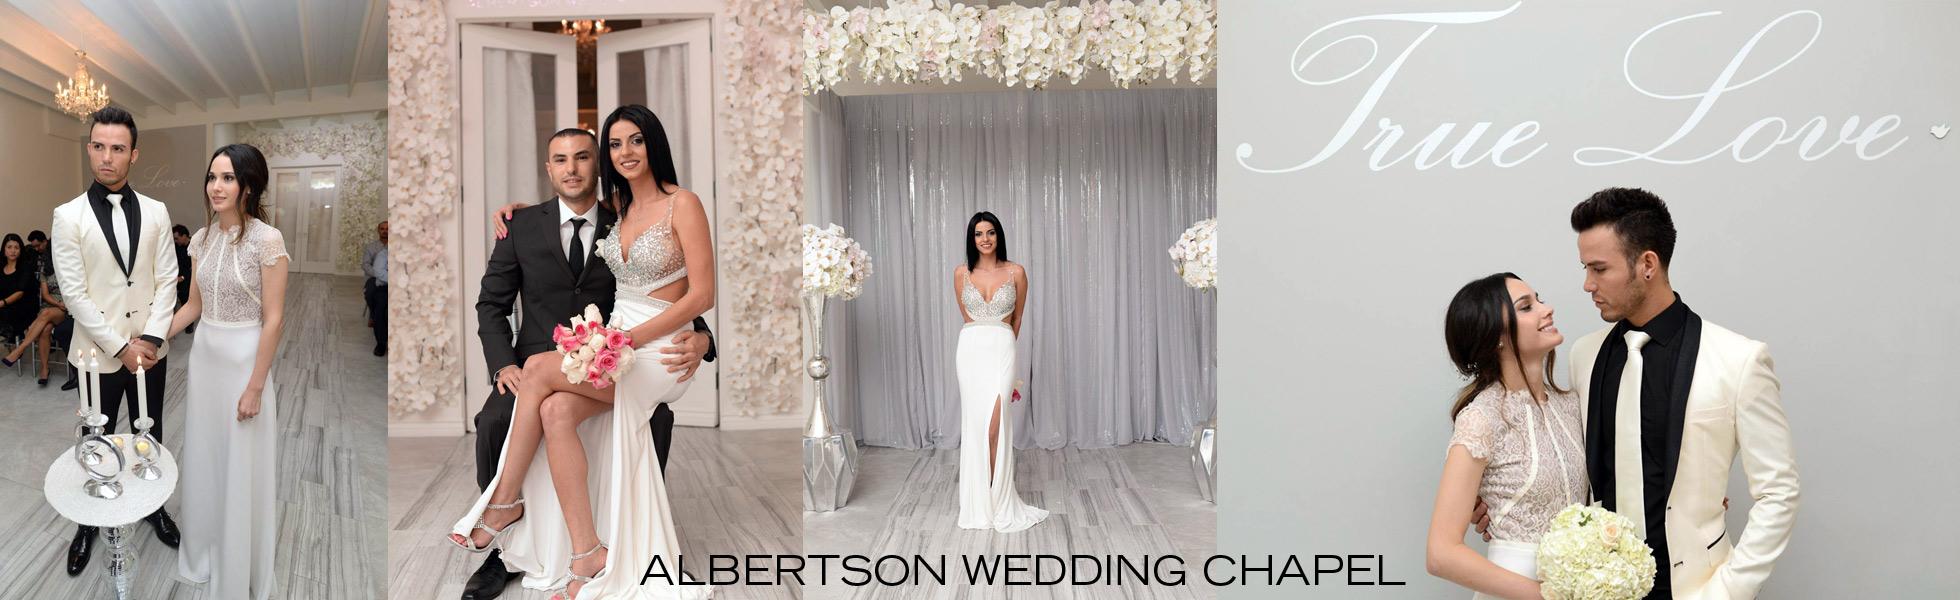 contact us at Albertson wedding chapel